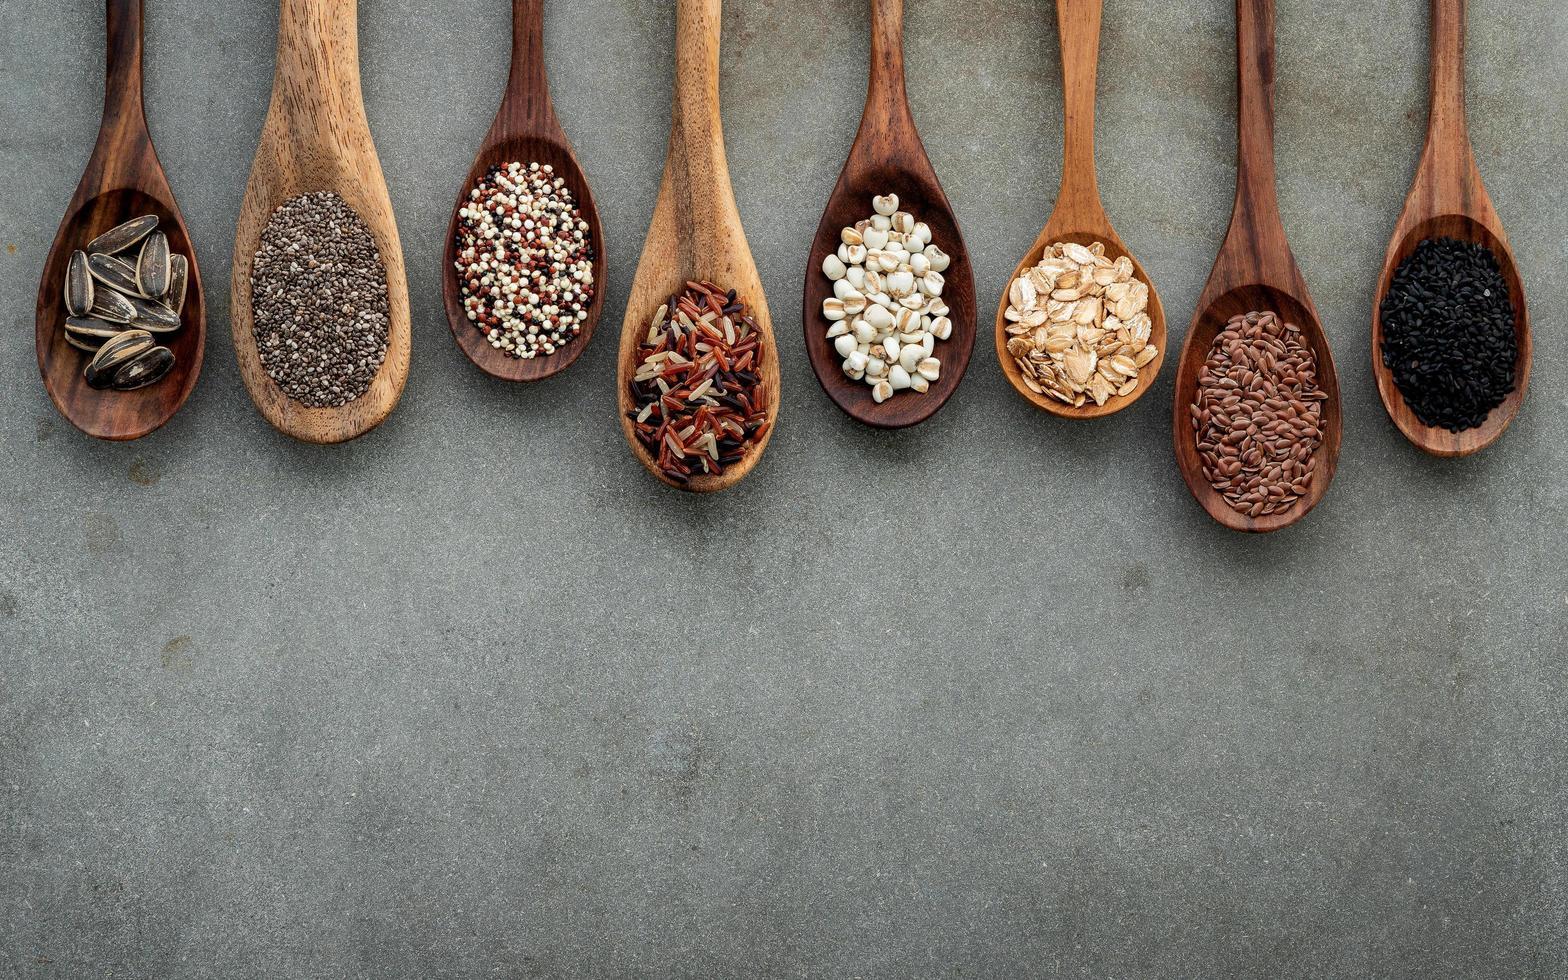 cucharadas de granos sobre hormigón foto